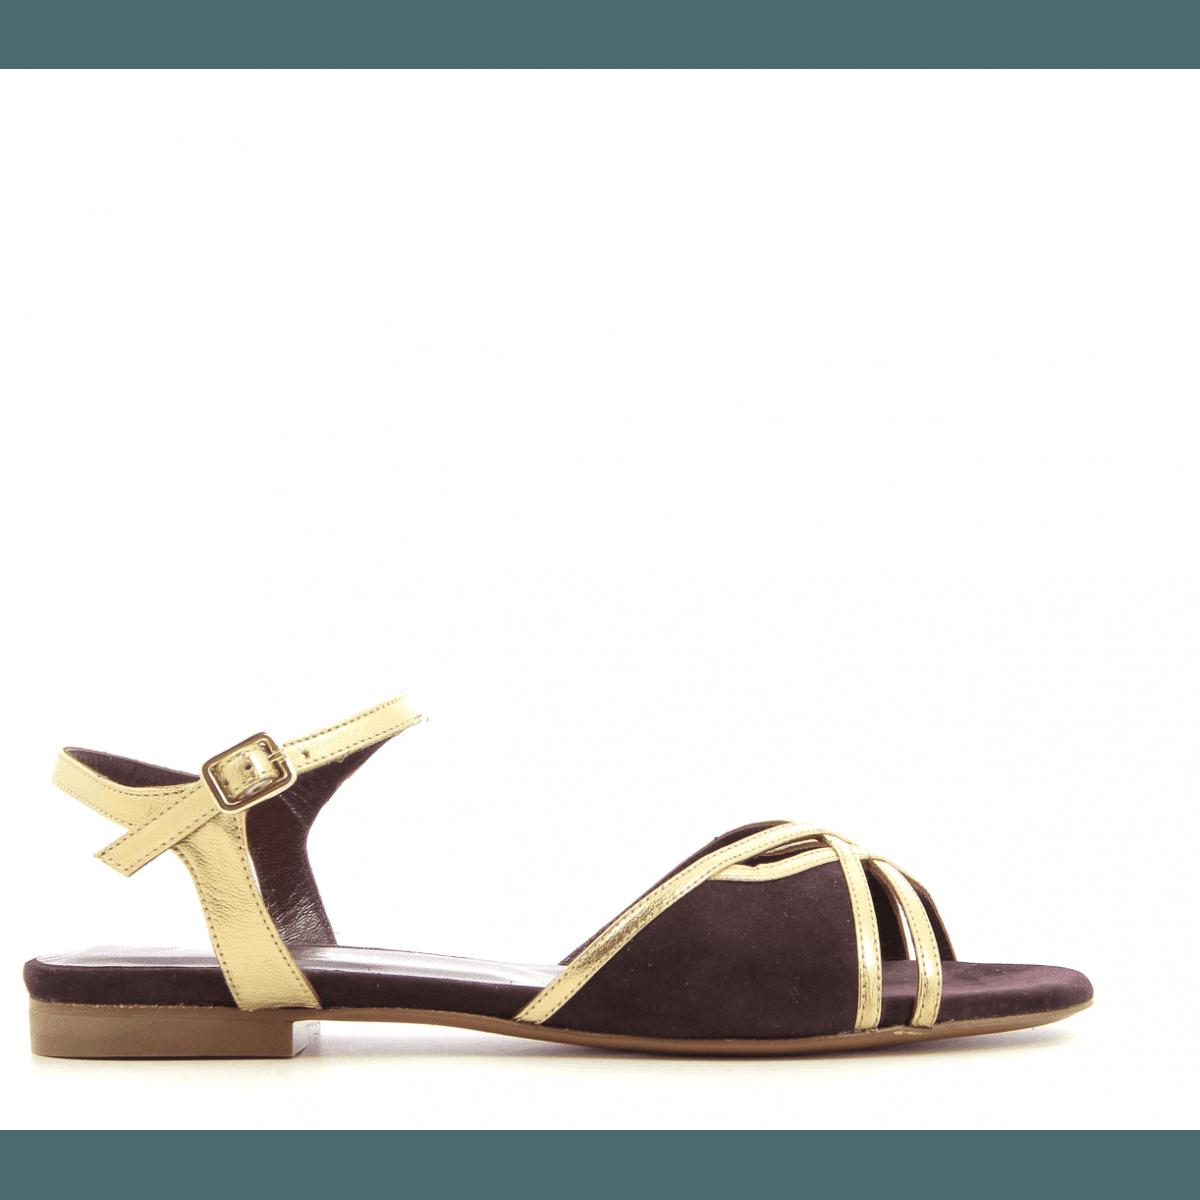 Sandales plates en veau velours bordeau Avril Gau -  PRADO ES2